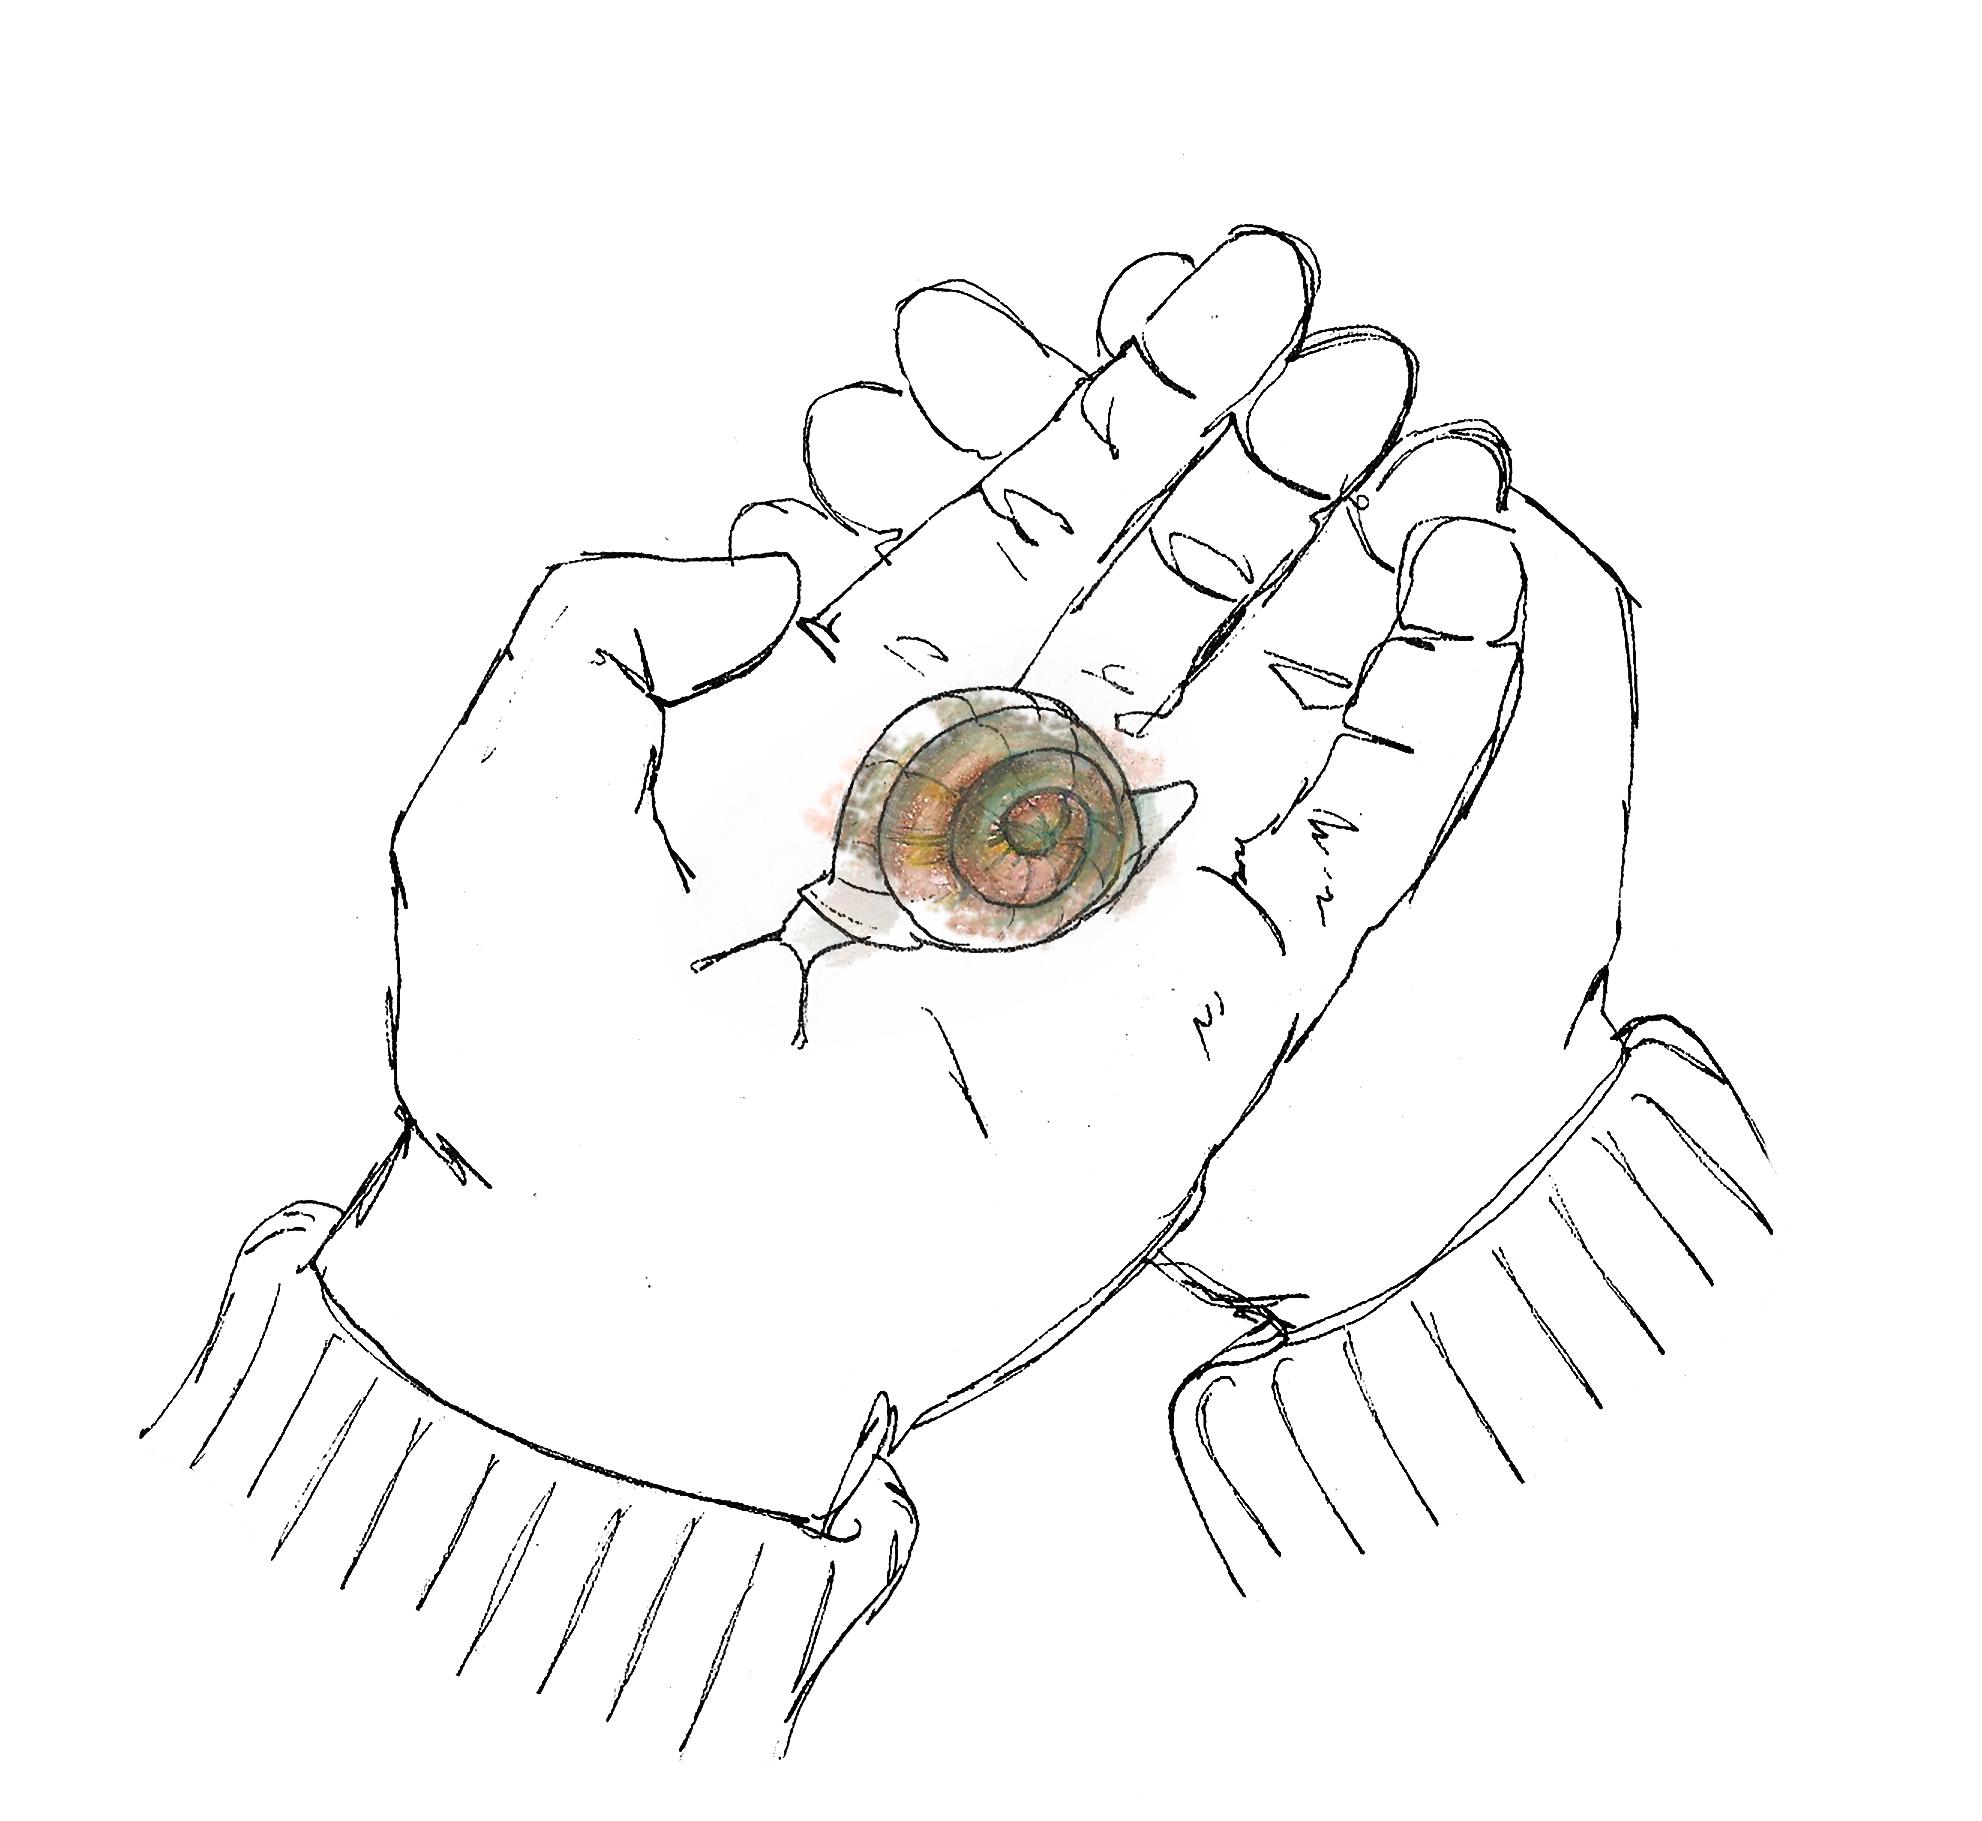 A little snail